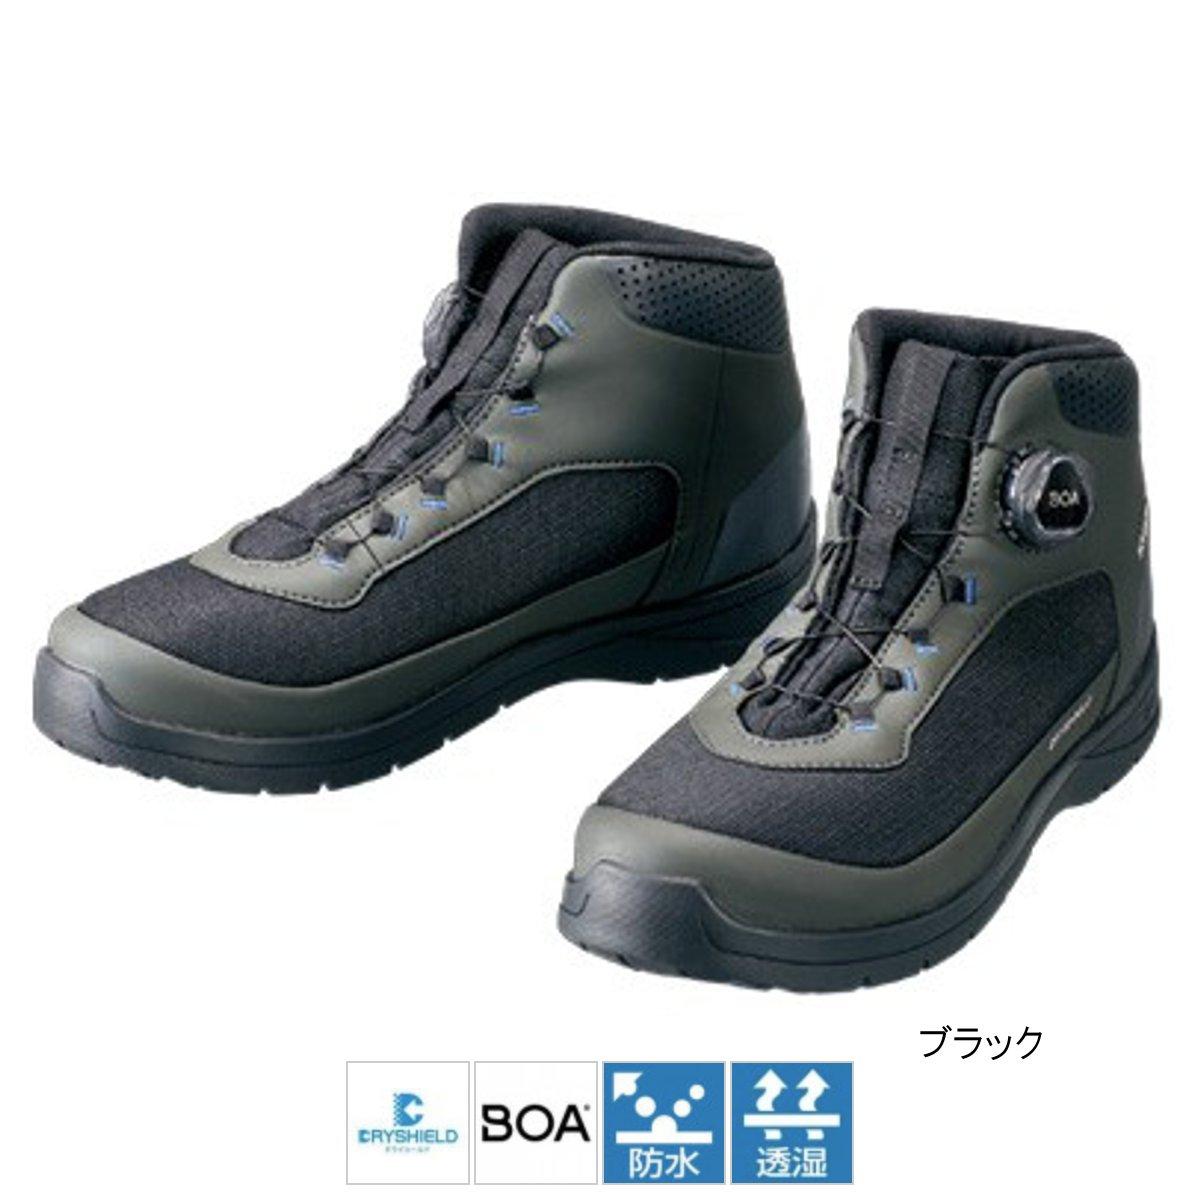 シマノ ドライシールド・デッキラジアルフィットシューズ HW FS-082R 26.0cm ブラック, spec union 122d9c71